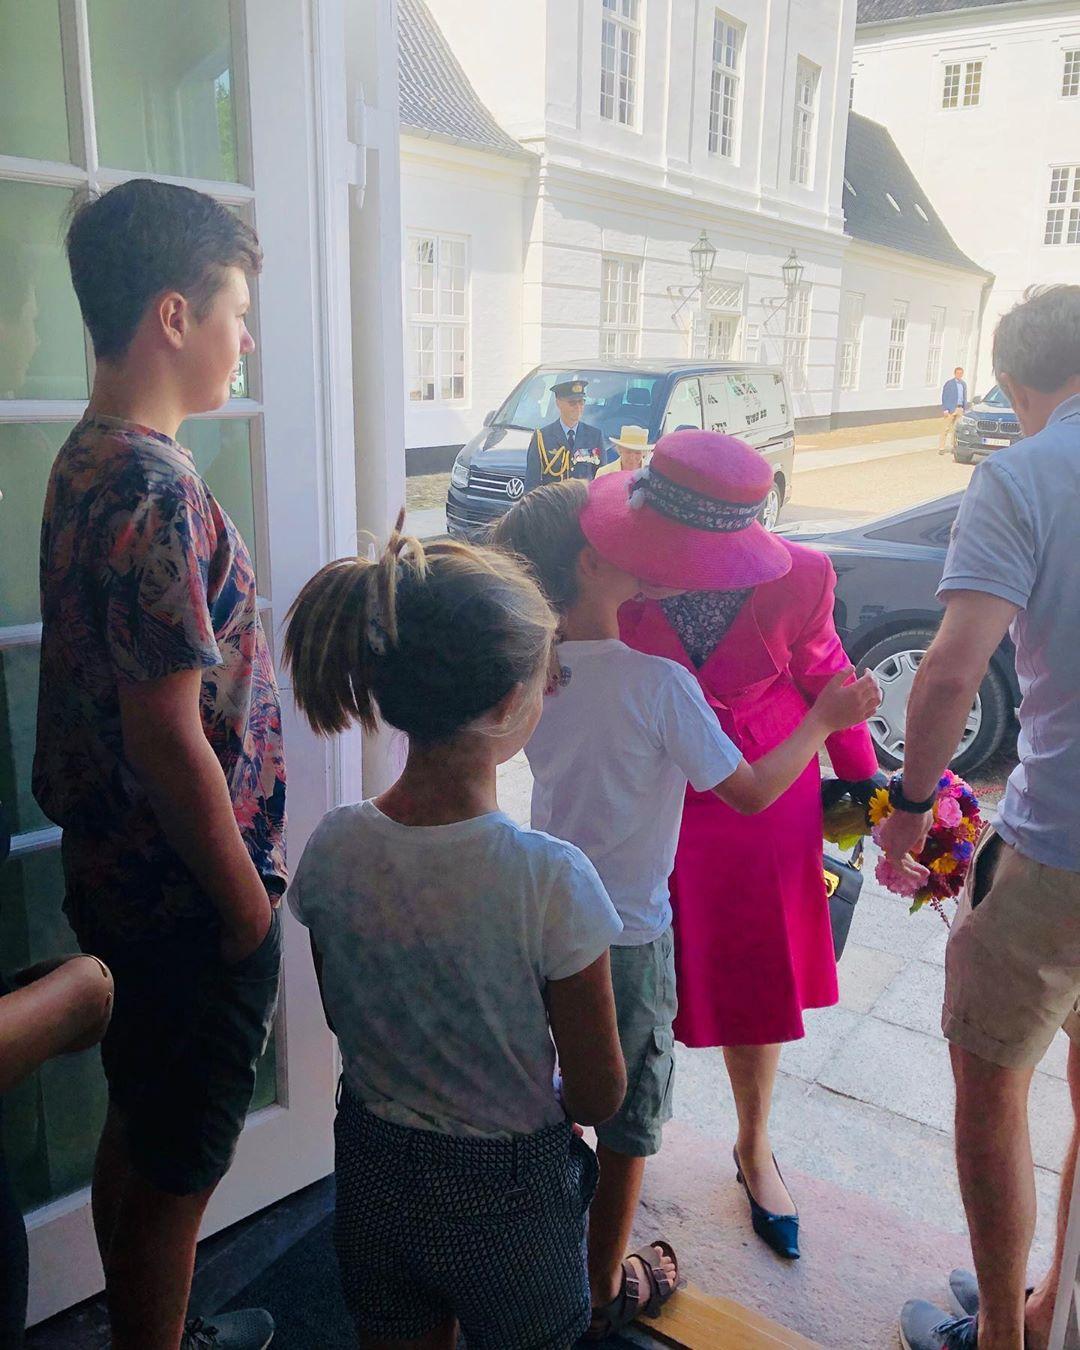 Liebevoll wird Königin Margrethe bei ihrer Ankunft von ihren Enkelkindern begrüßt.  © Kongehuset